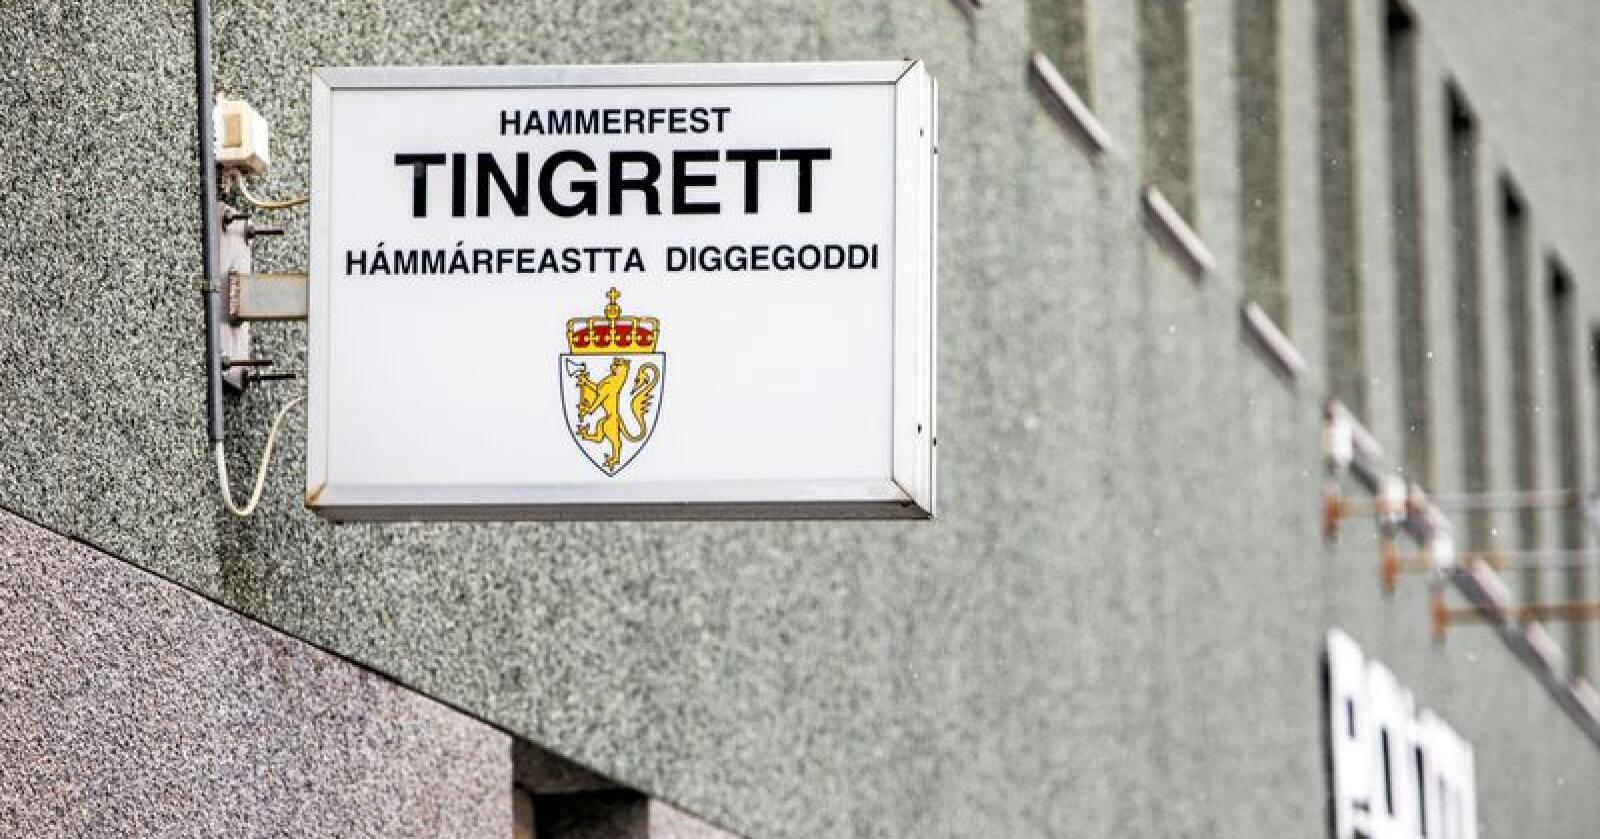 Utsatt: Hammerfest tingrett kan bli fusjonert. Foto: Ole Berg-Rusten/NTB Scanpix